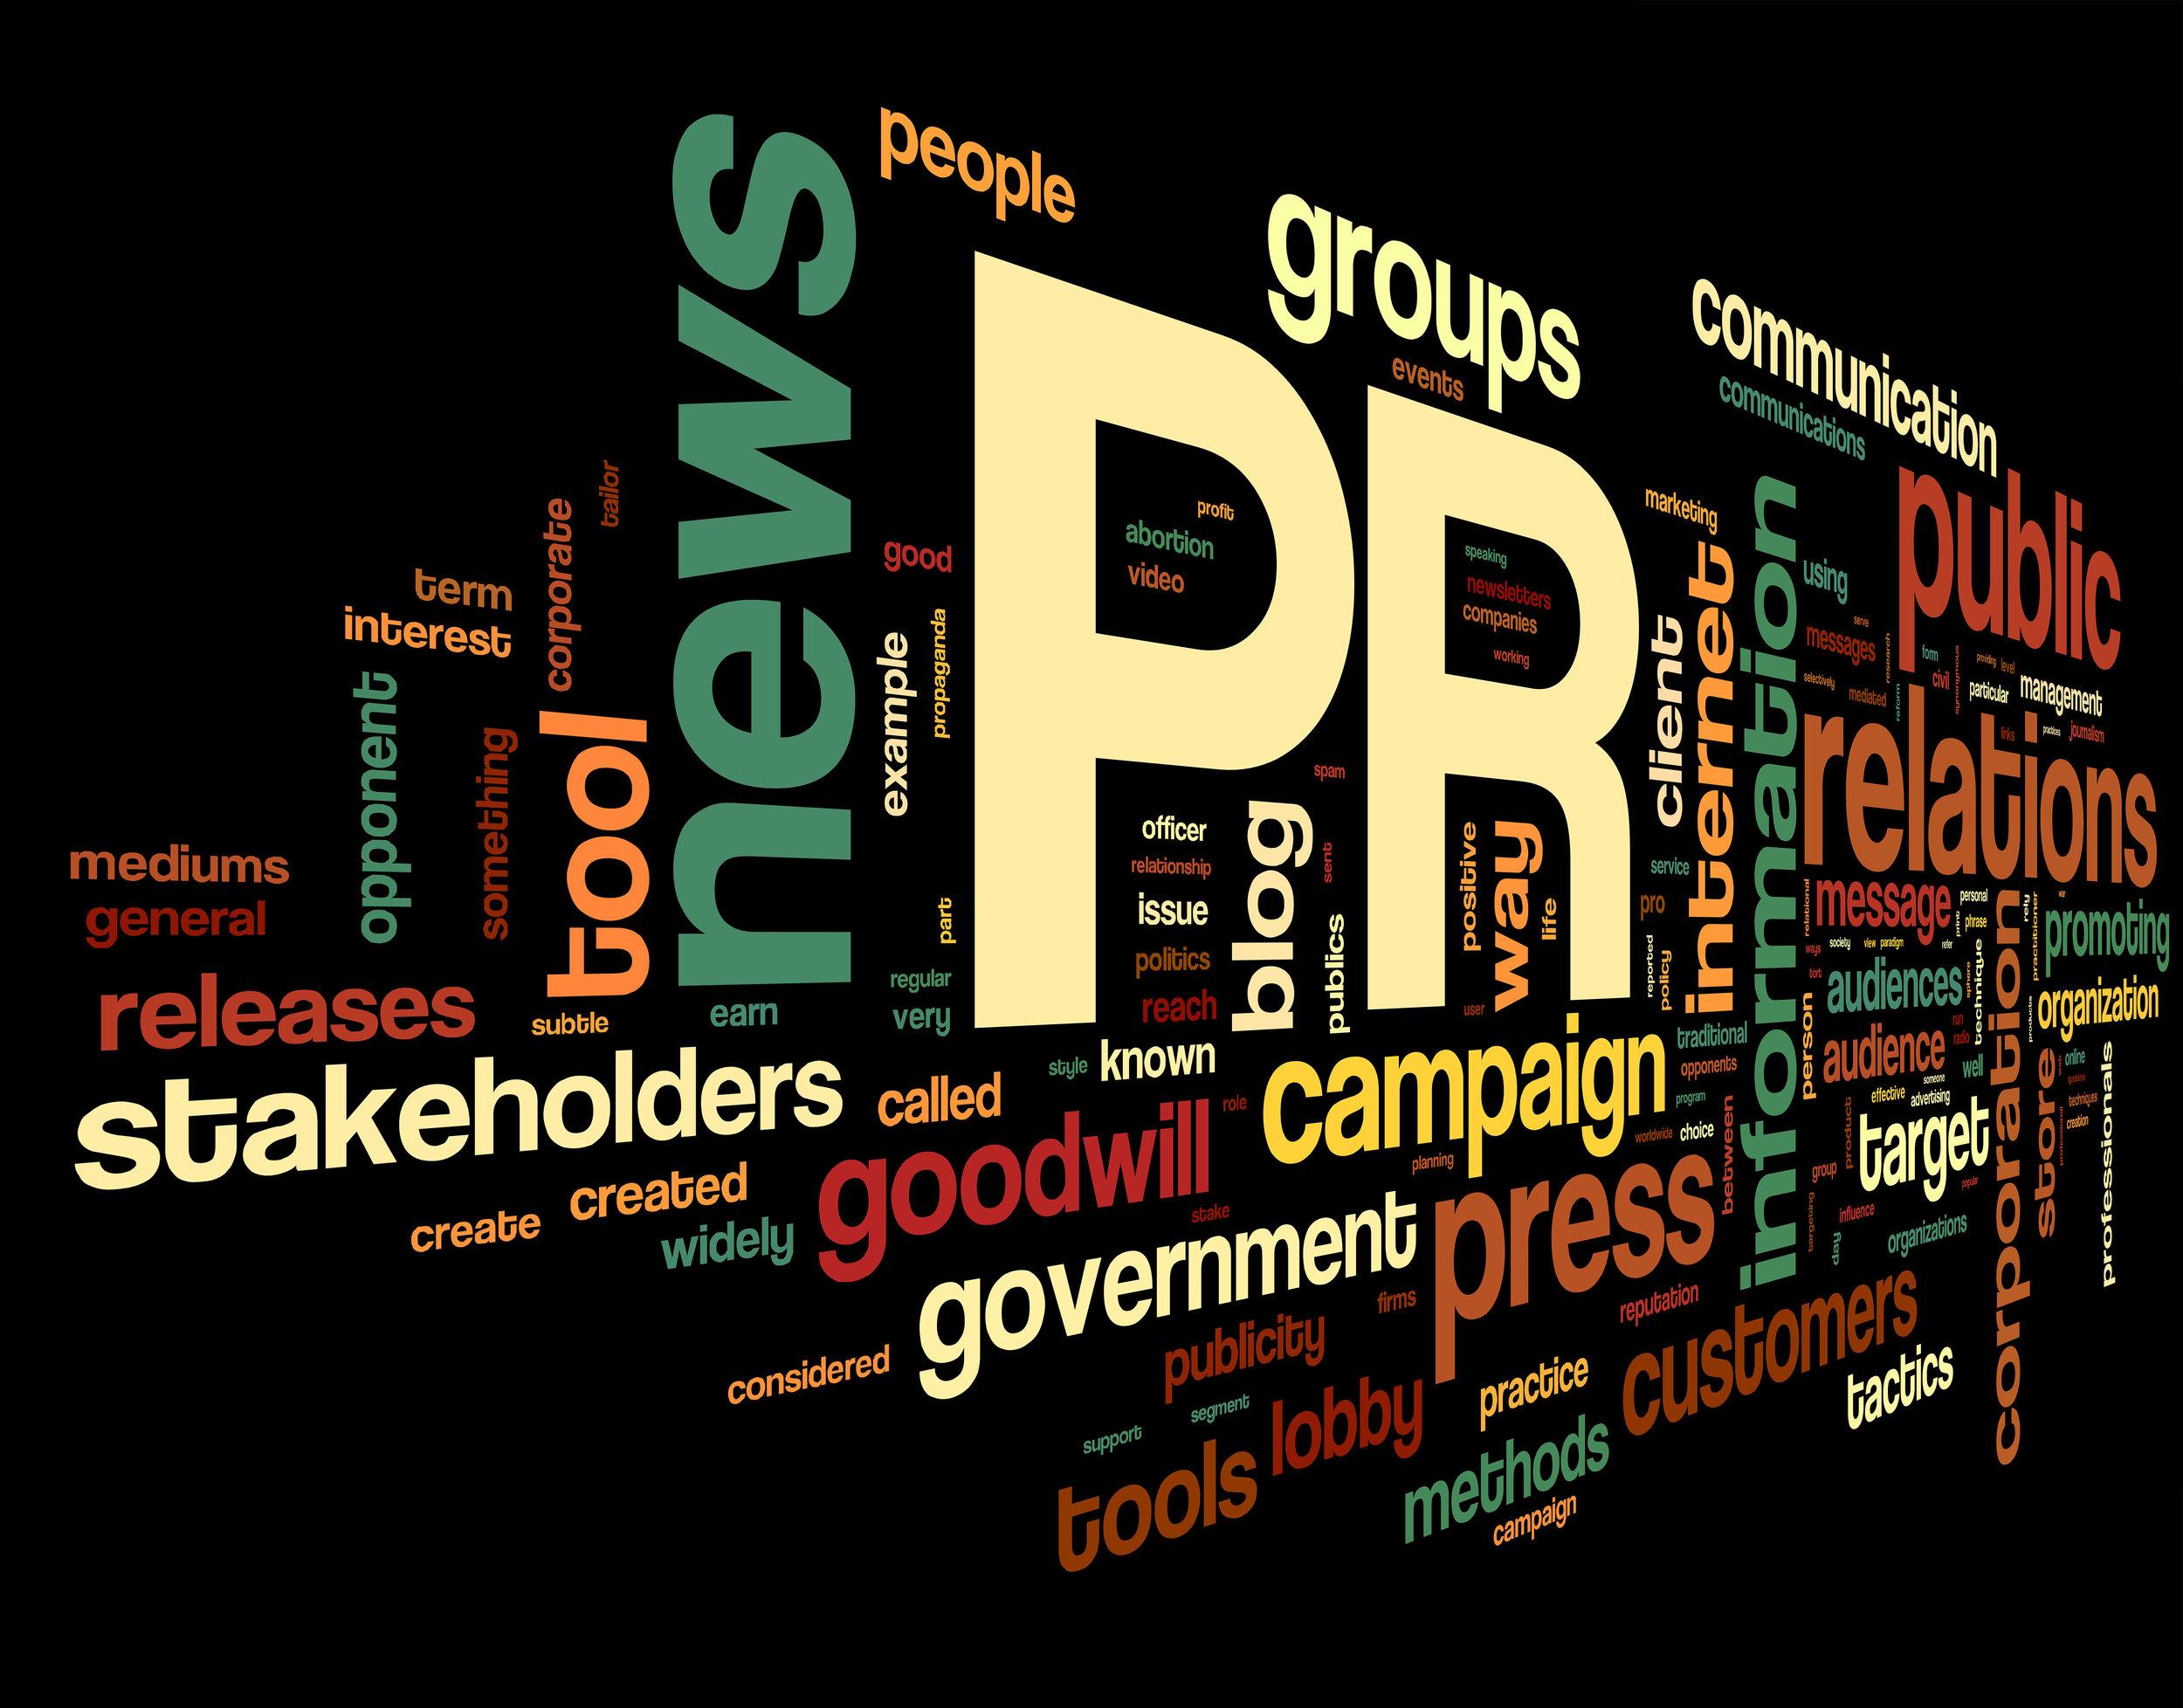 consulenze digital pr  Gestione e ideazioni di strategie digitali con lo scopo di sviluppare piani social per accrescere la propria immagine e campagne di social media marketing con il coinvolgimento di personaggi e influencer per promuovere prodotti / eventi.